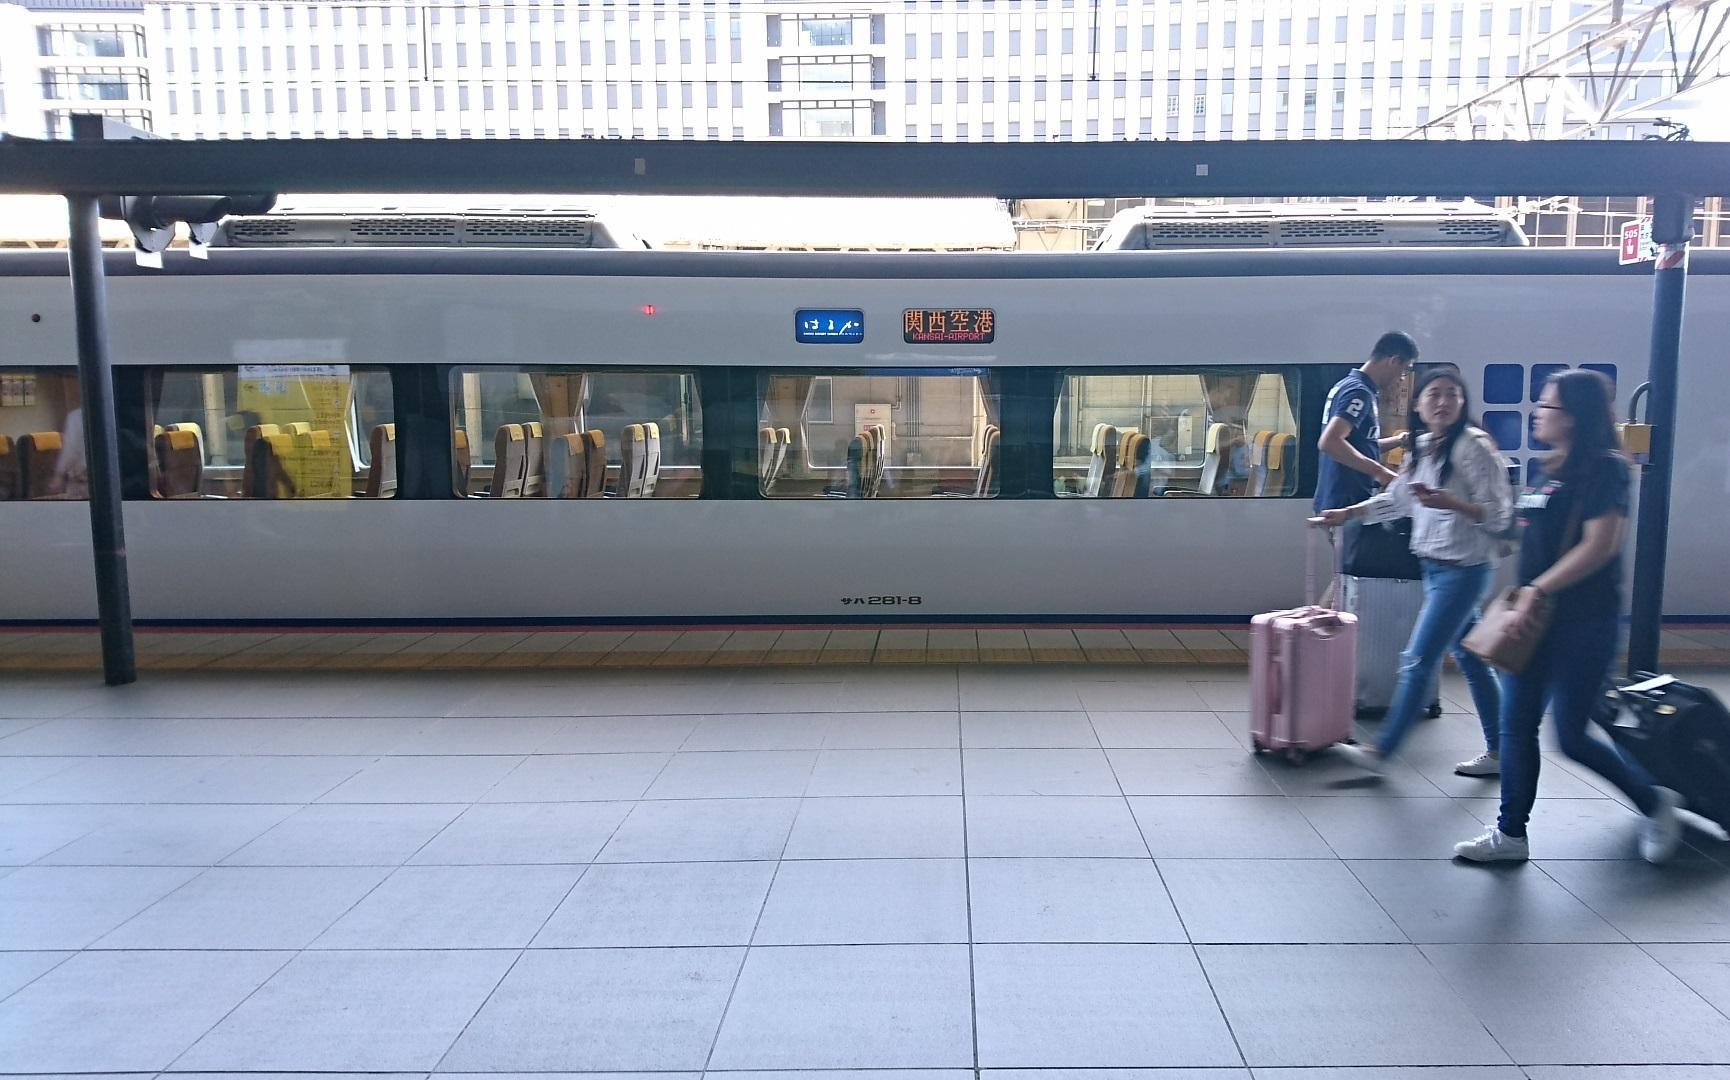 2017.6.4 天橋立 (141) 京都 - はるか 1730-1080